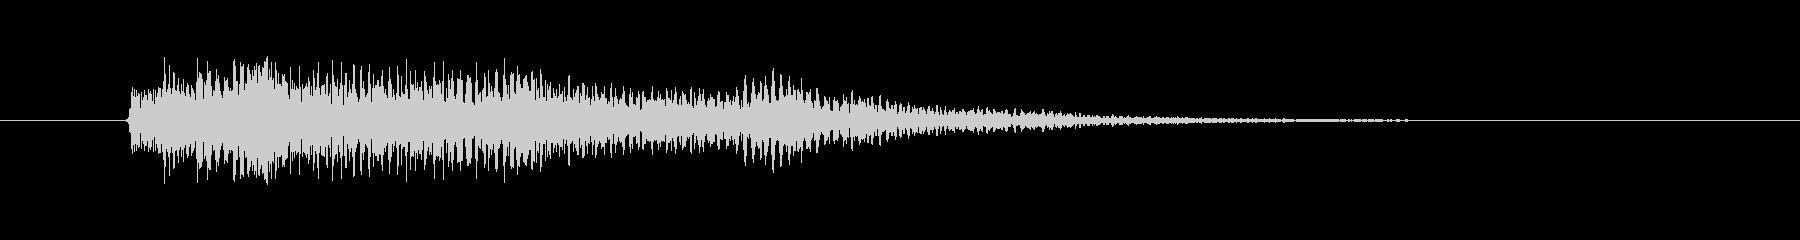 ポロロン(透明感、爽やか)の未再生の波形